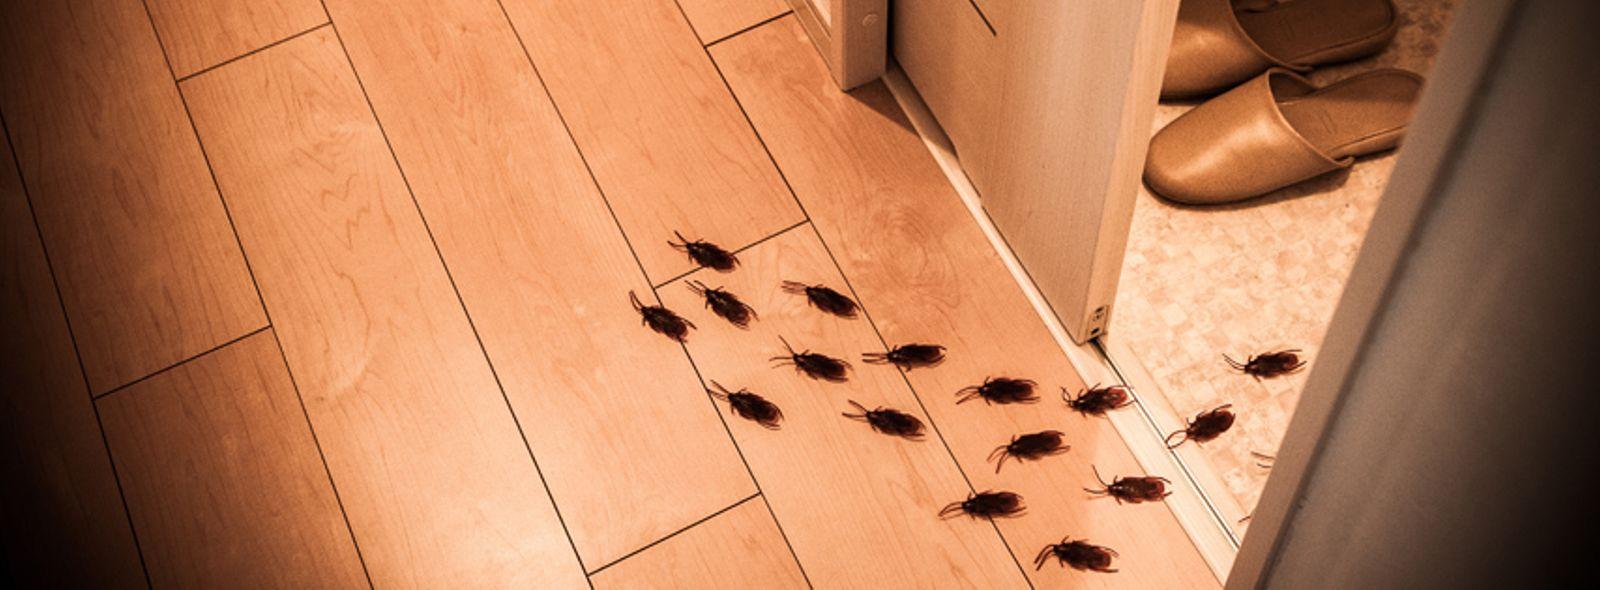 Piccoli Scarafaggi In Cucina scarafaggi in casa, come eliminarli | trovami